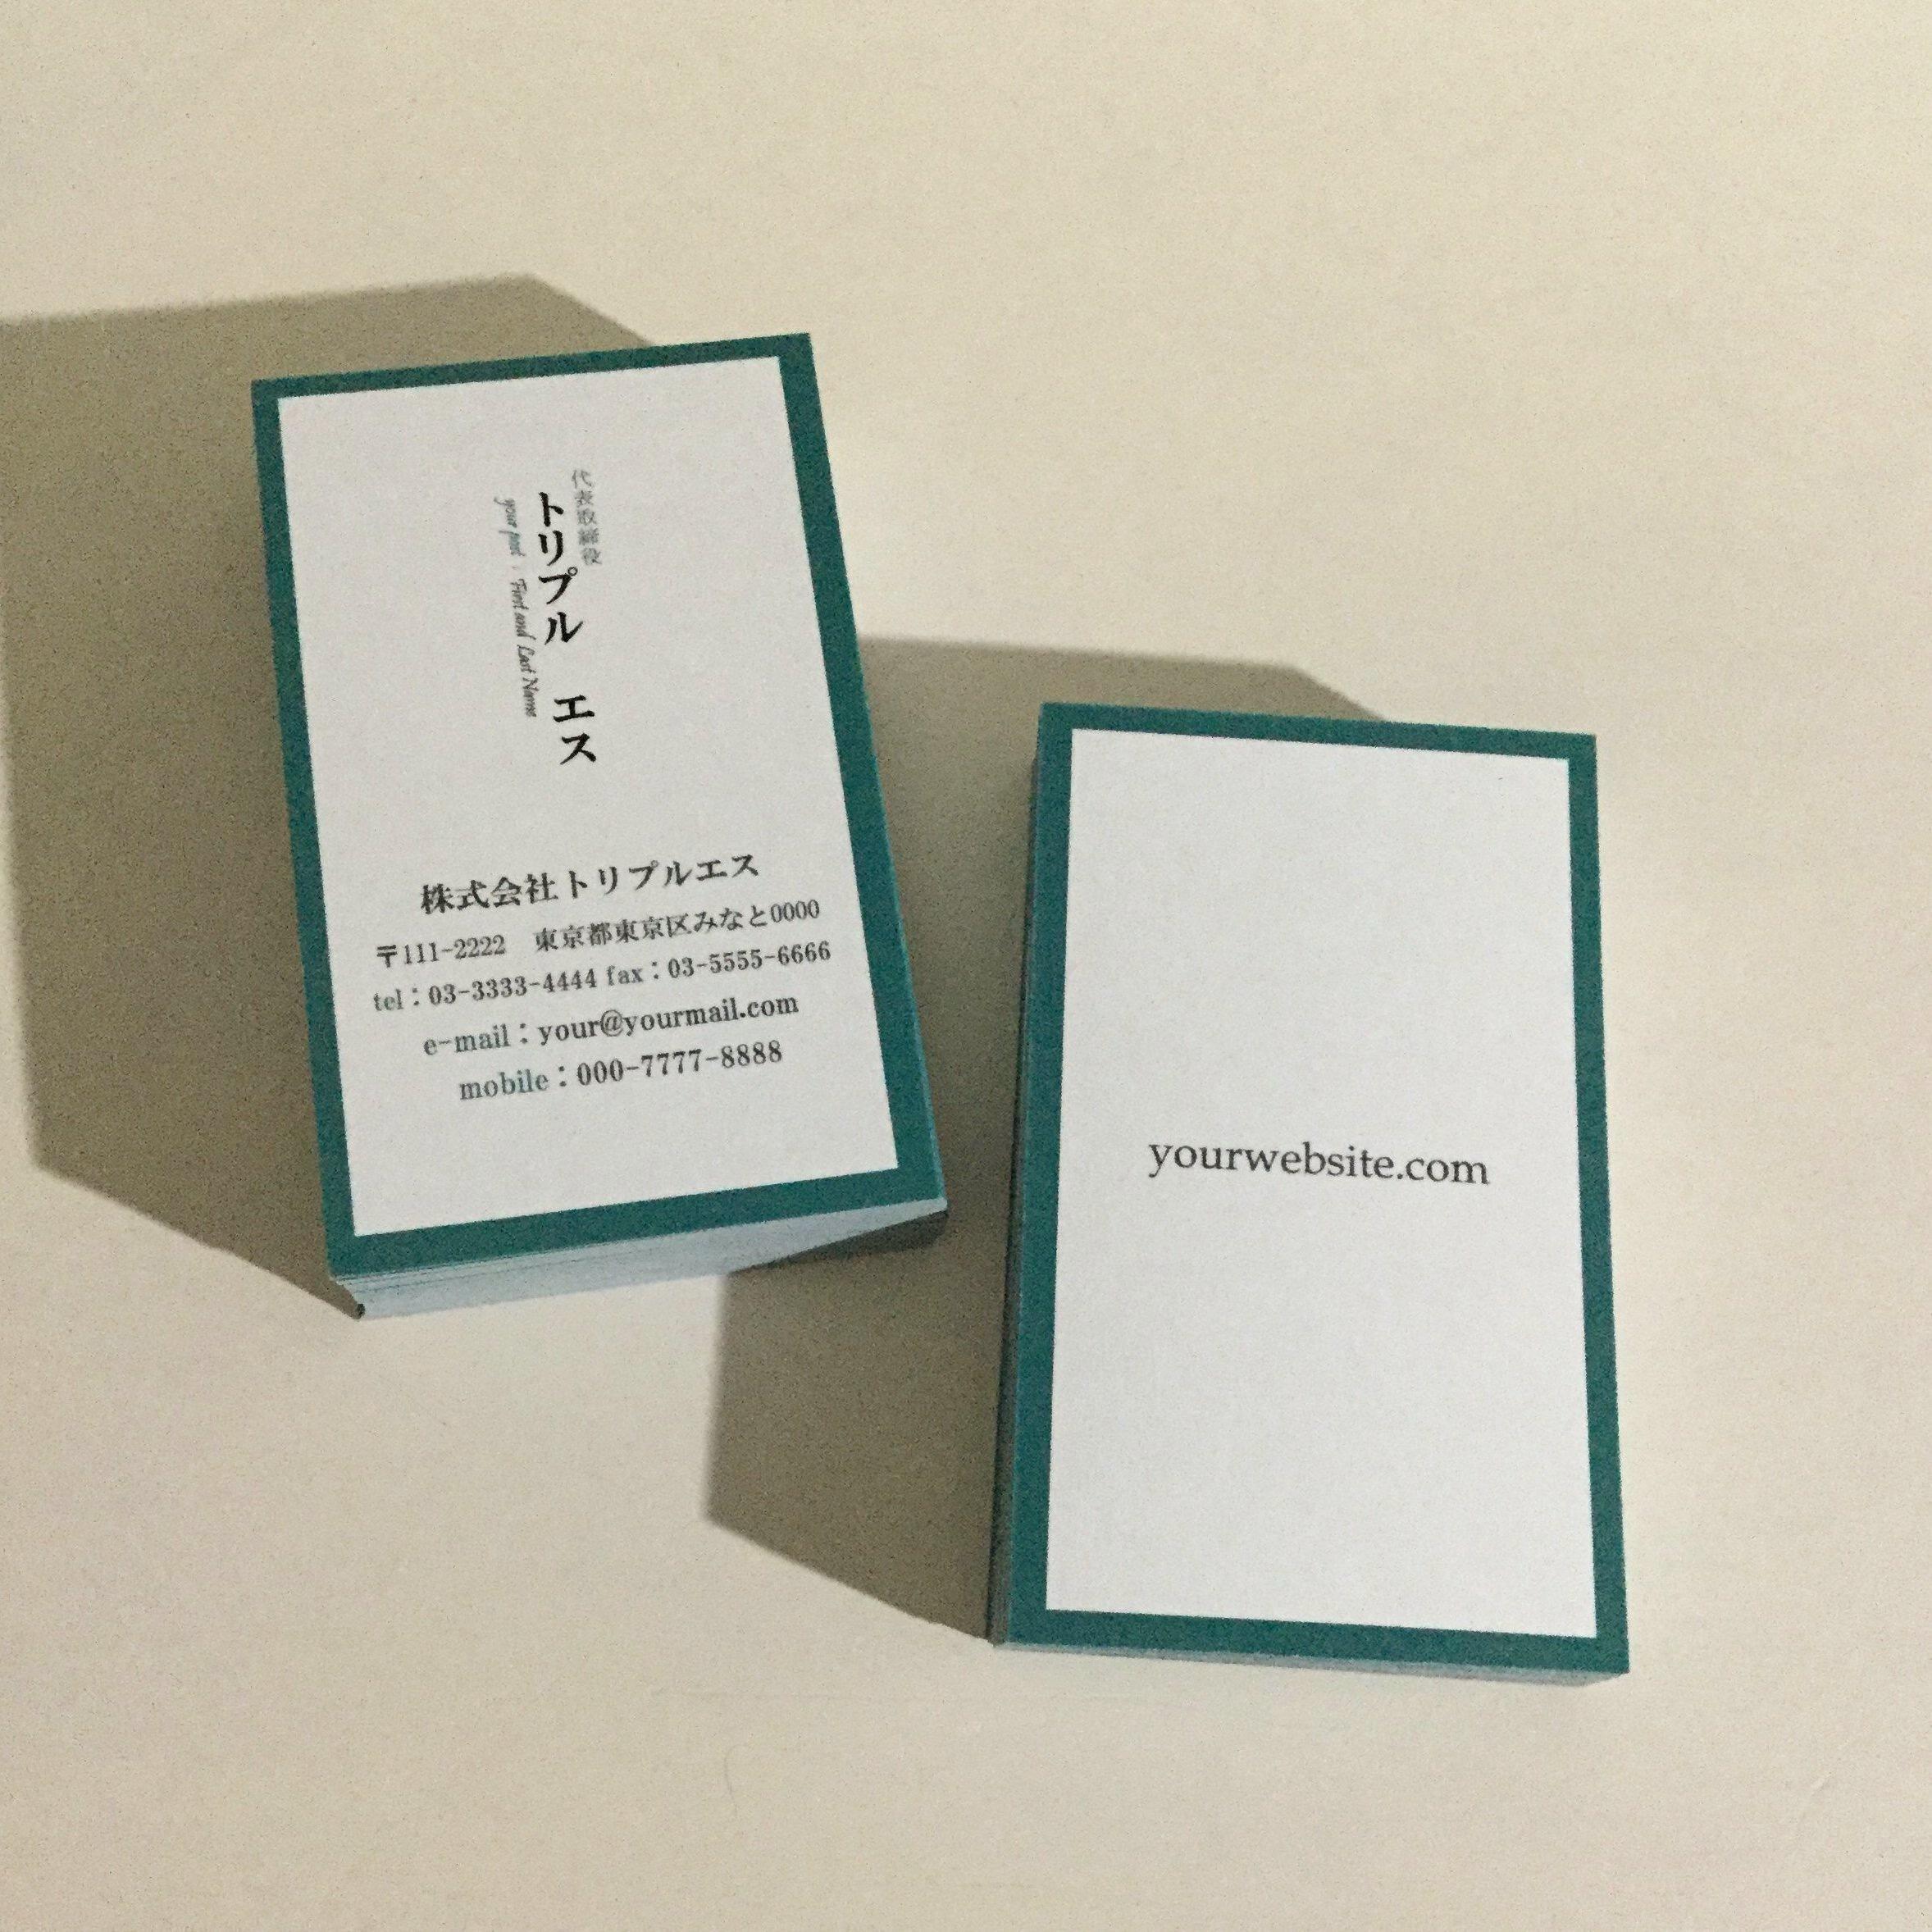 03d1_bl【100枚】ビジネス名刺【英表記】